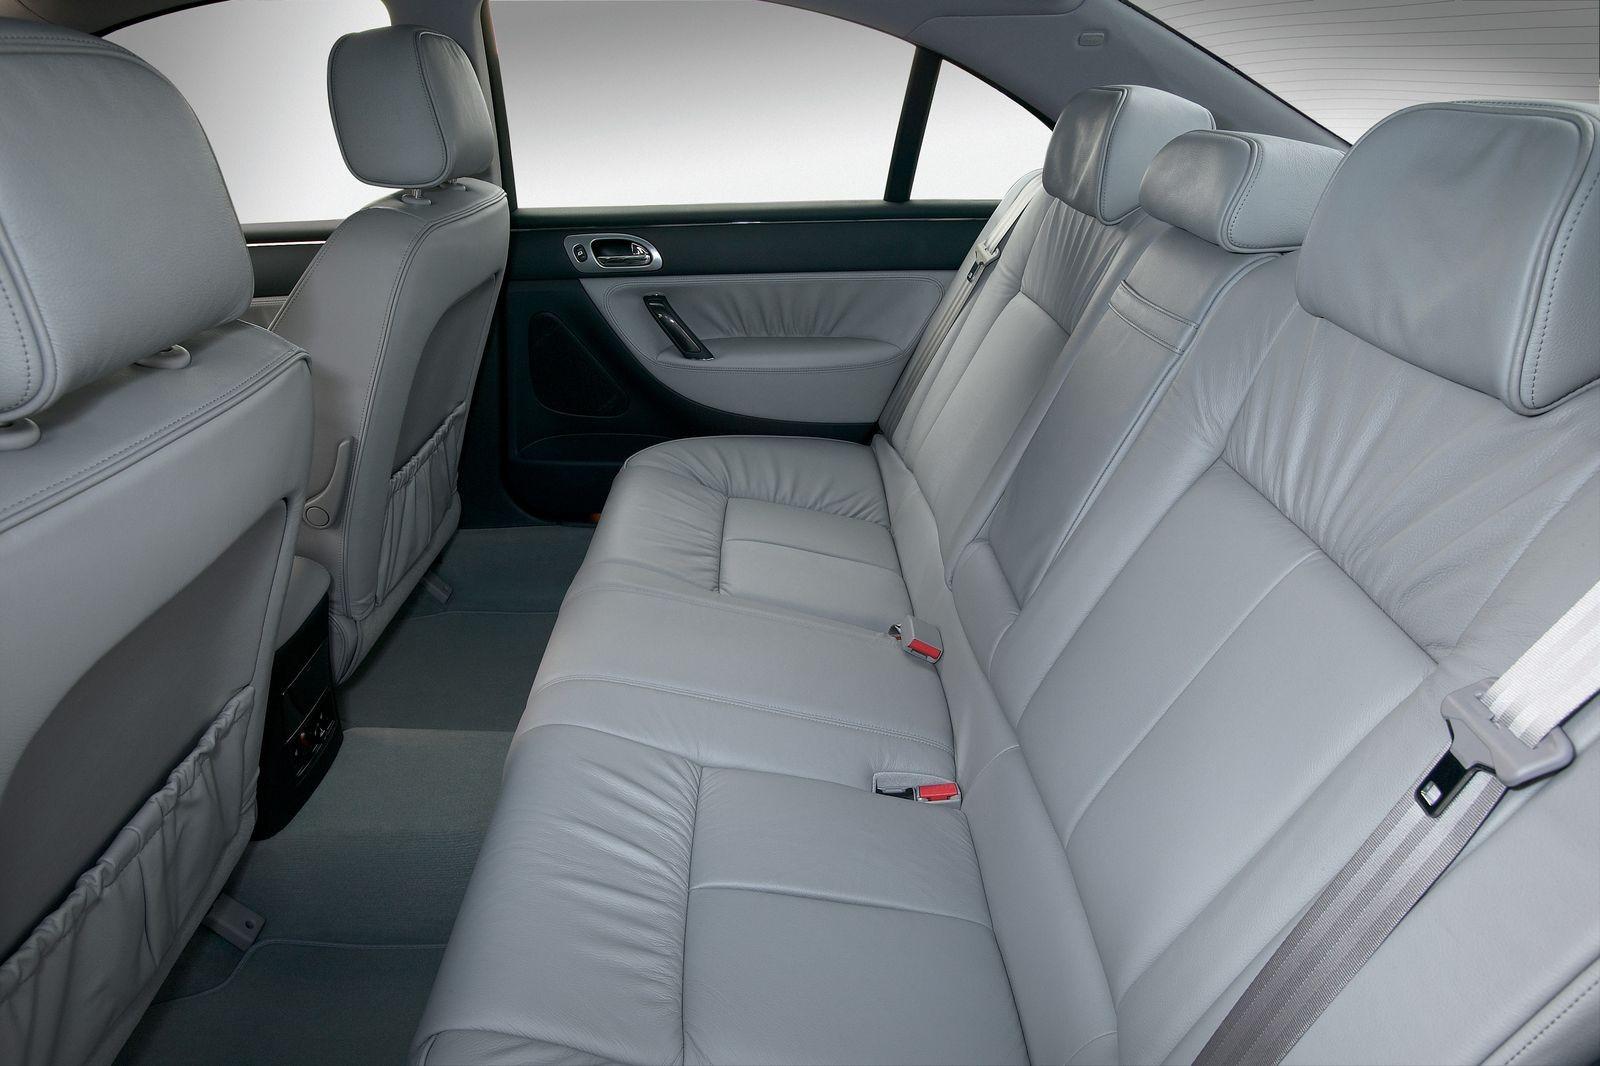 Больше Camry, с V6 и дешево: стоит ли покупать Peugeot 607 за 500 тысяч рублей